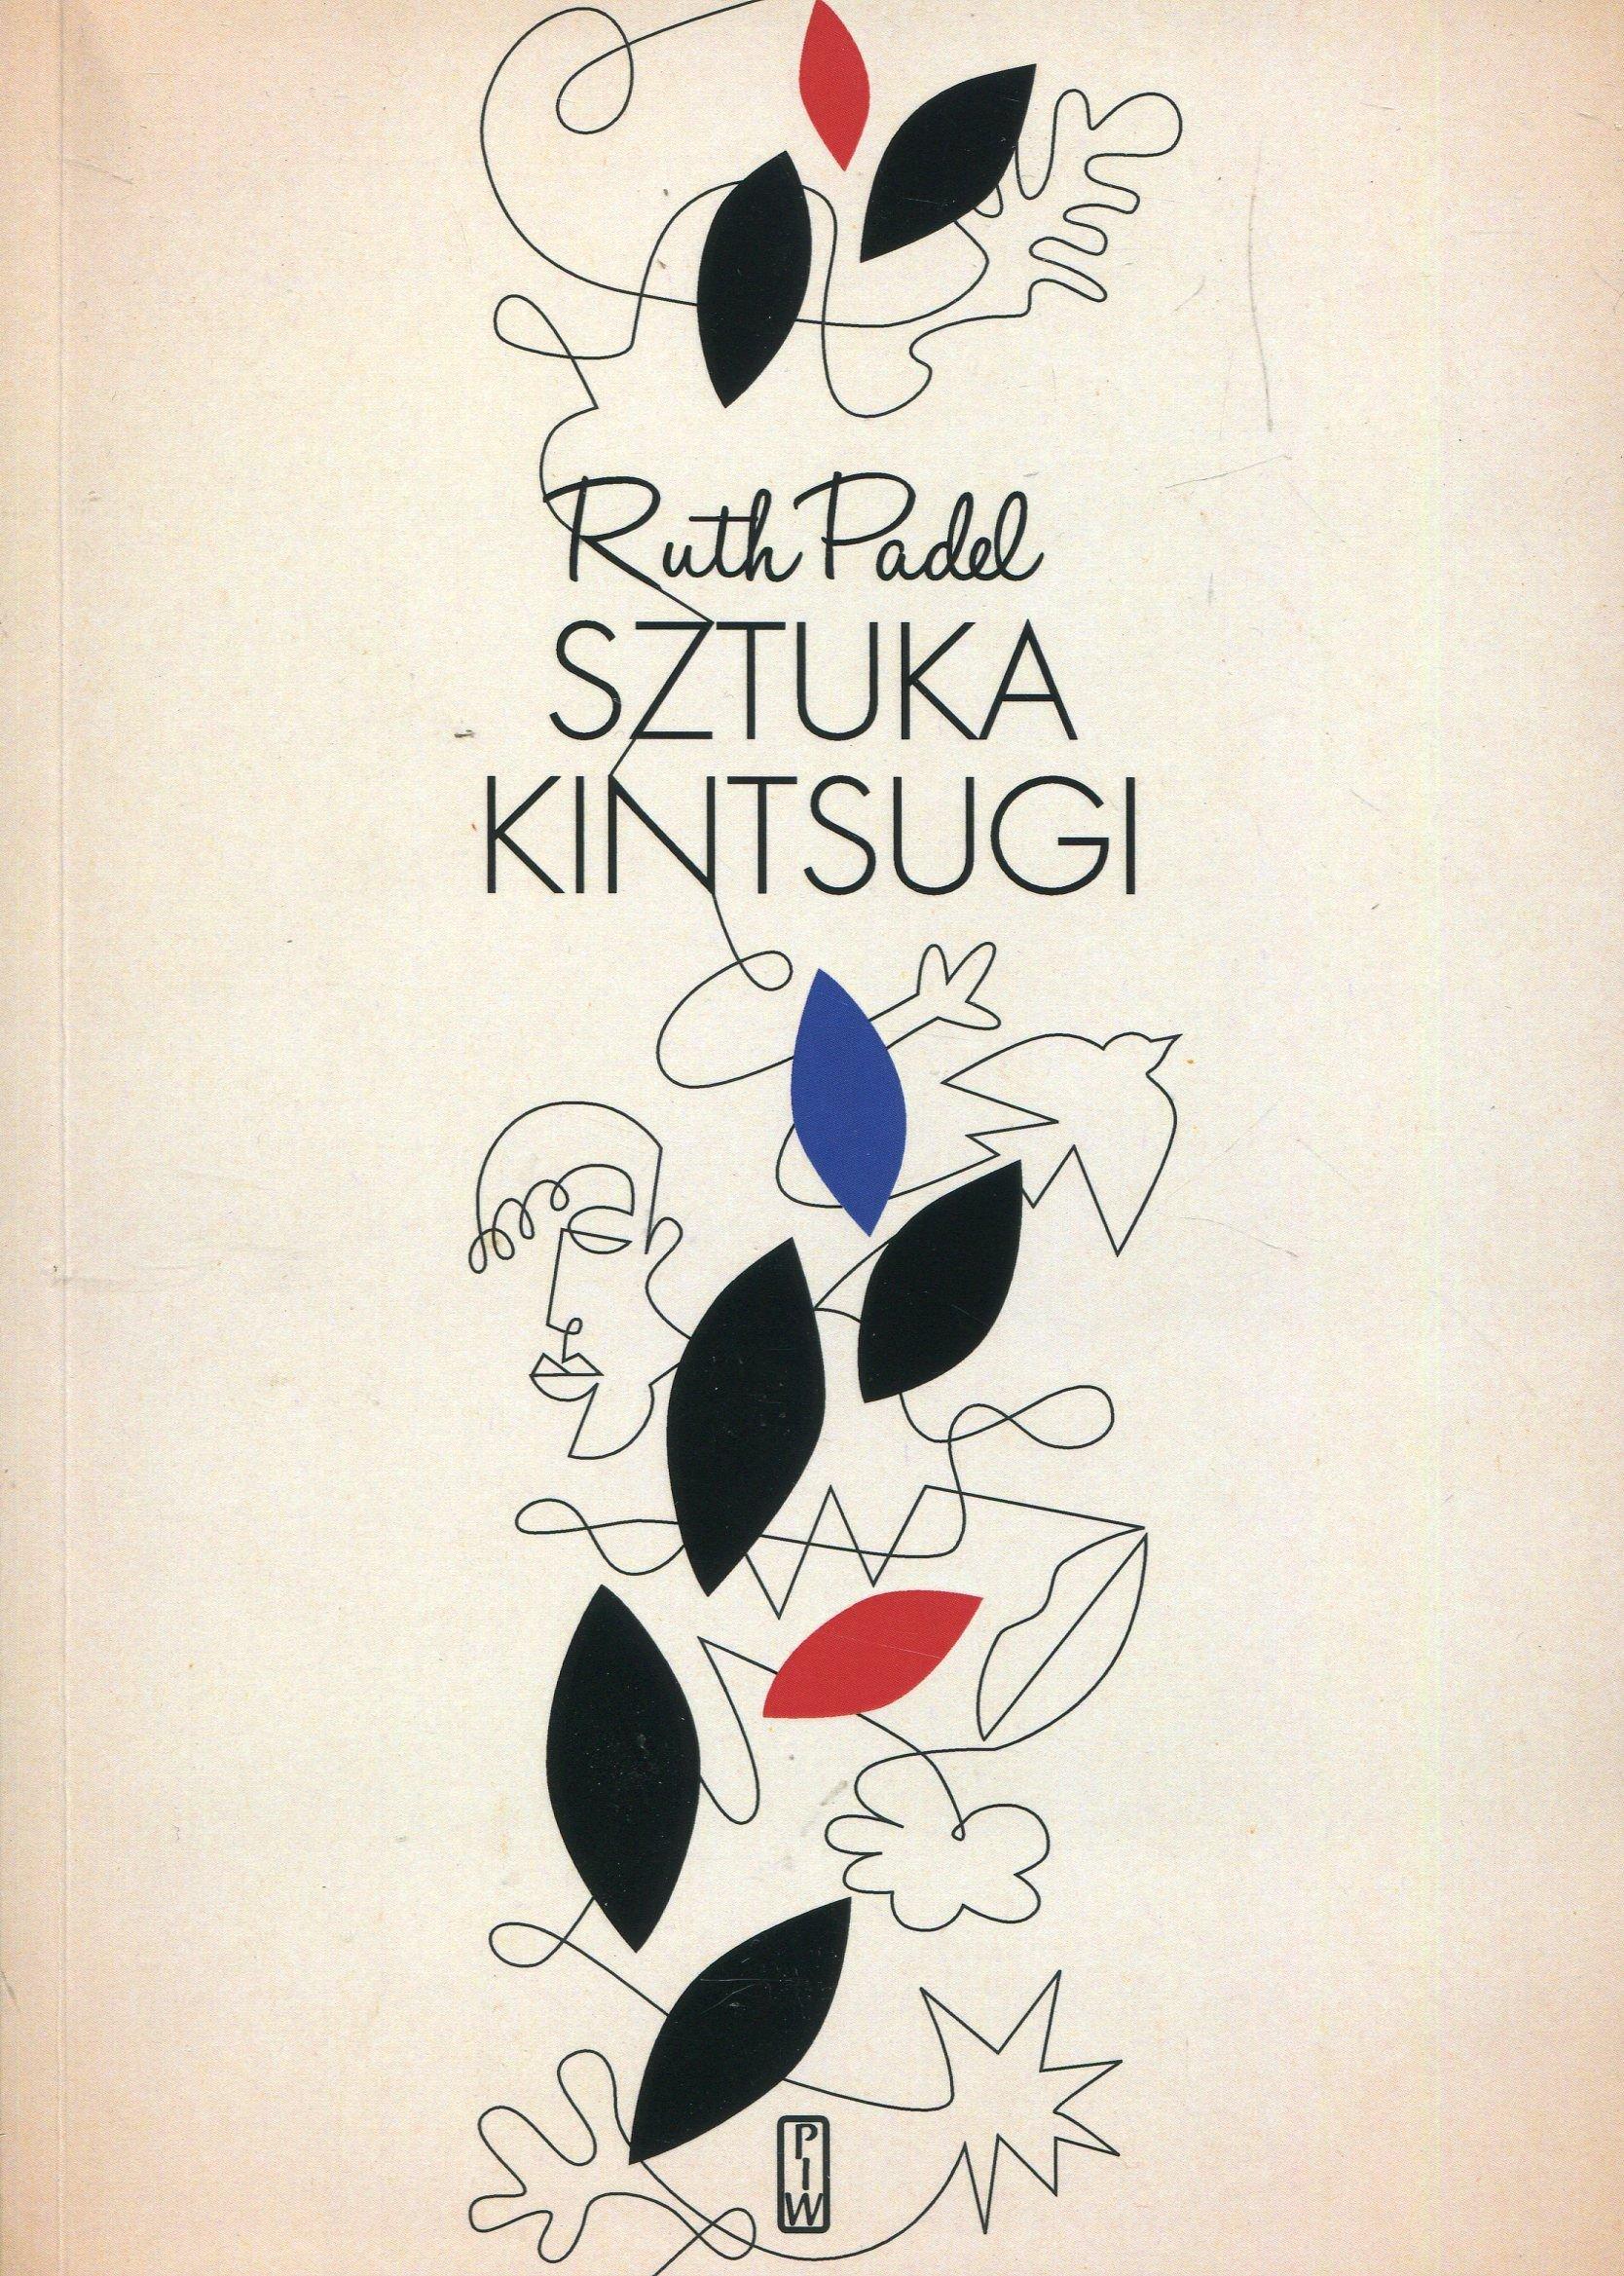 Sztuka Kintsugi Wiersze Wybrane Amazoncouk Ruth Padel